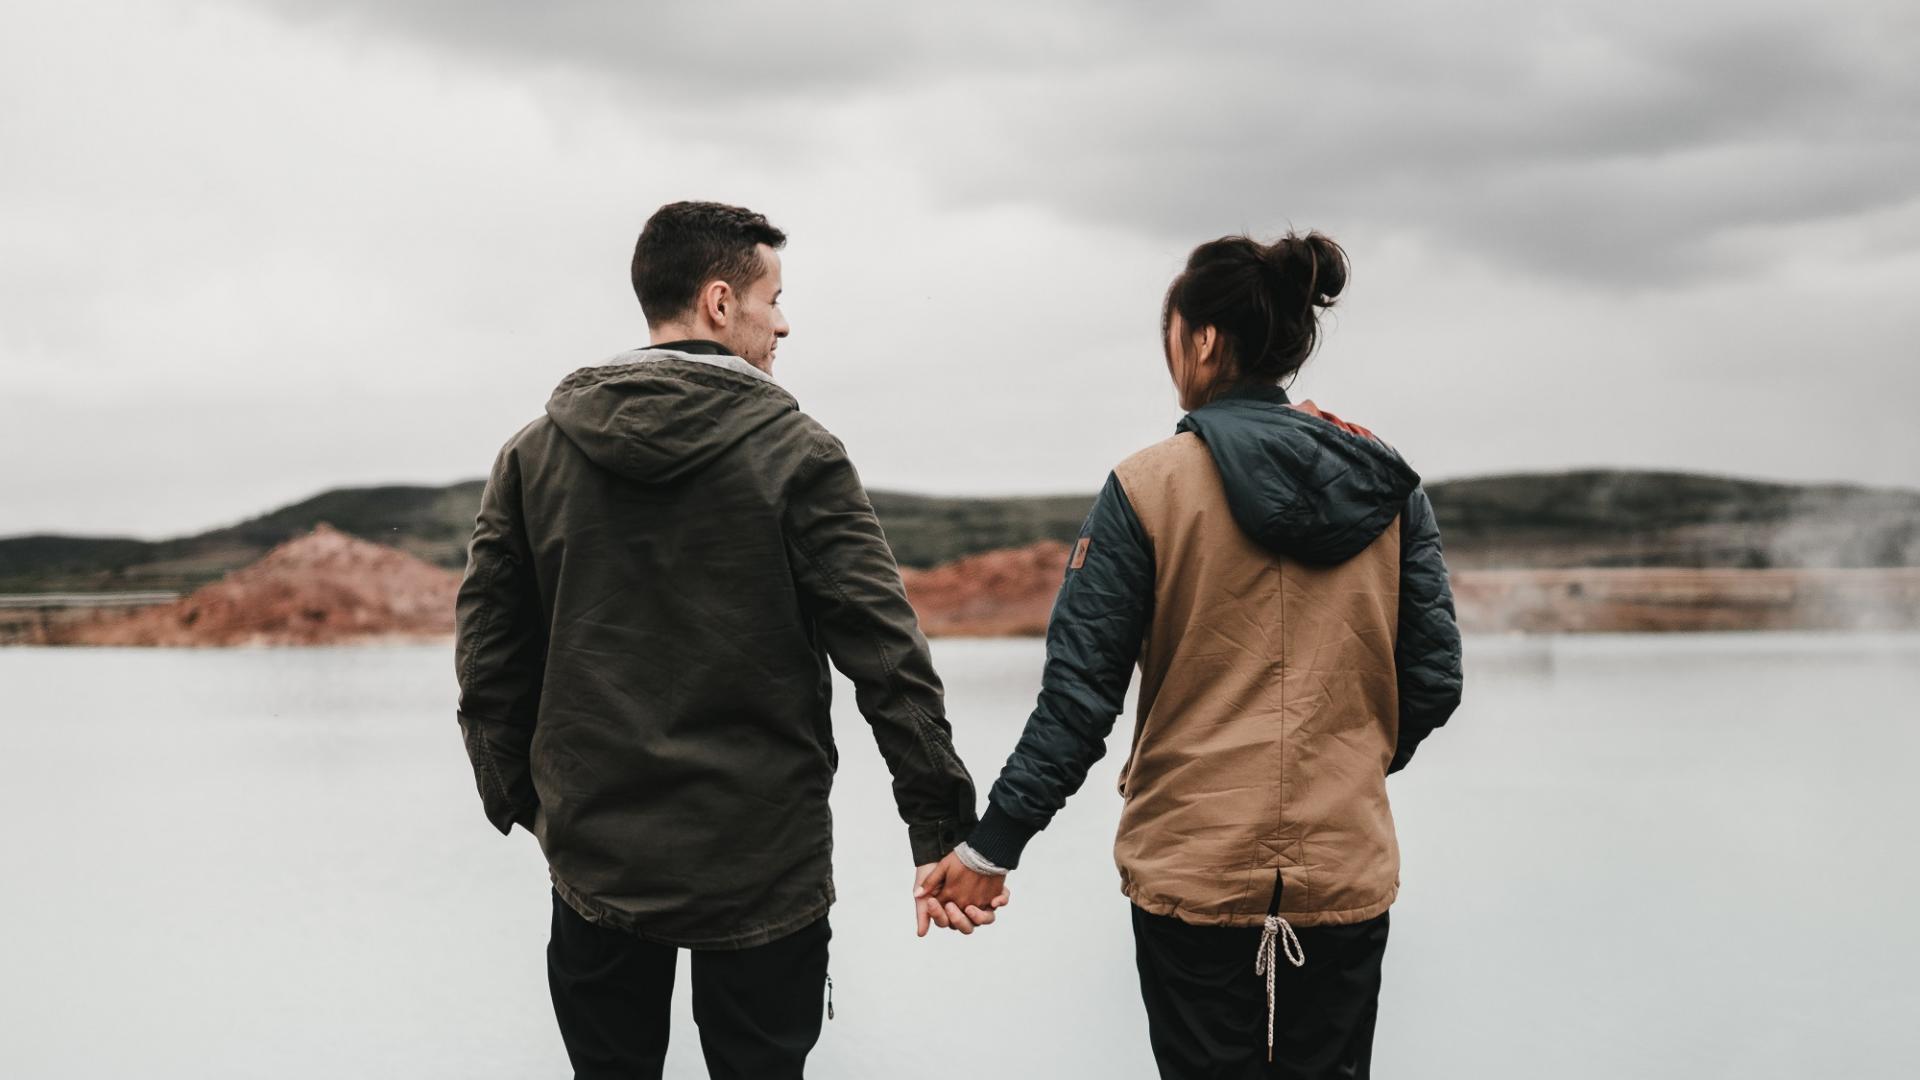 Beziehung auseinandergelebt